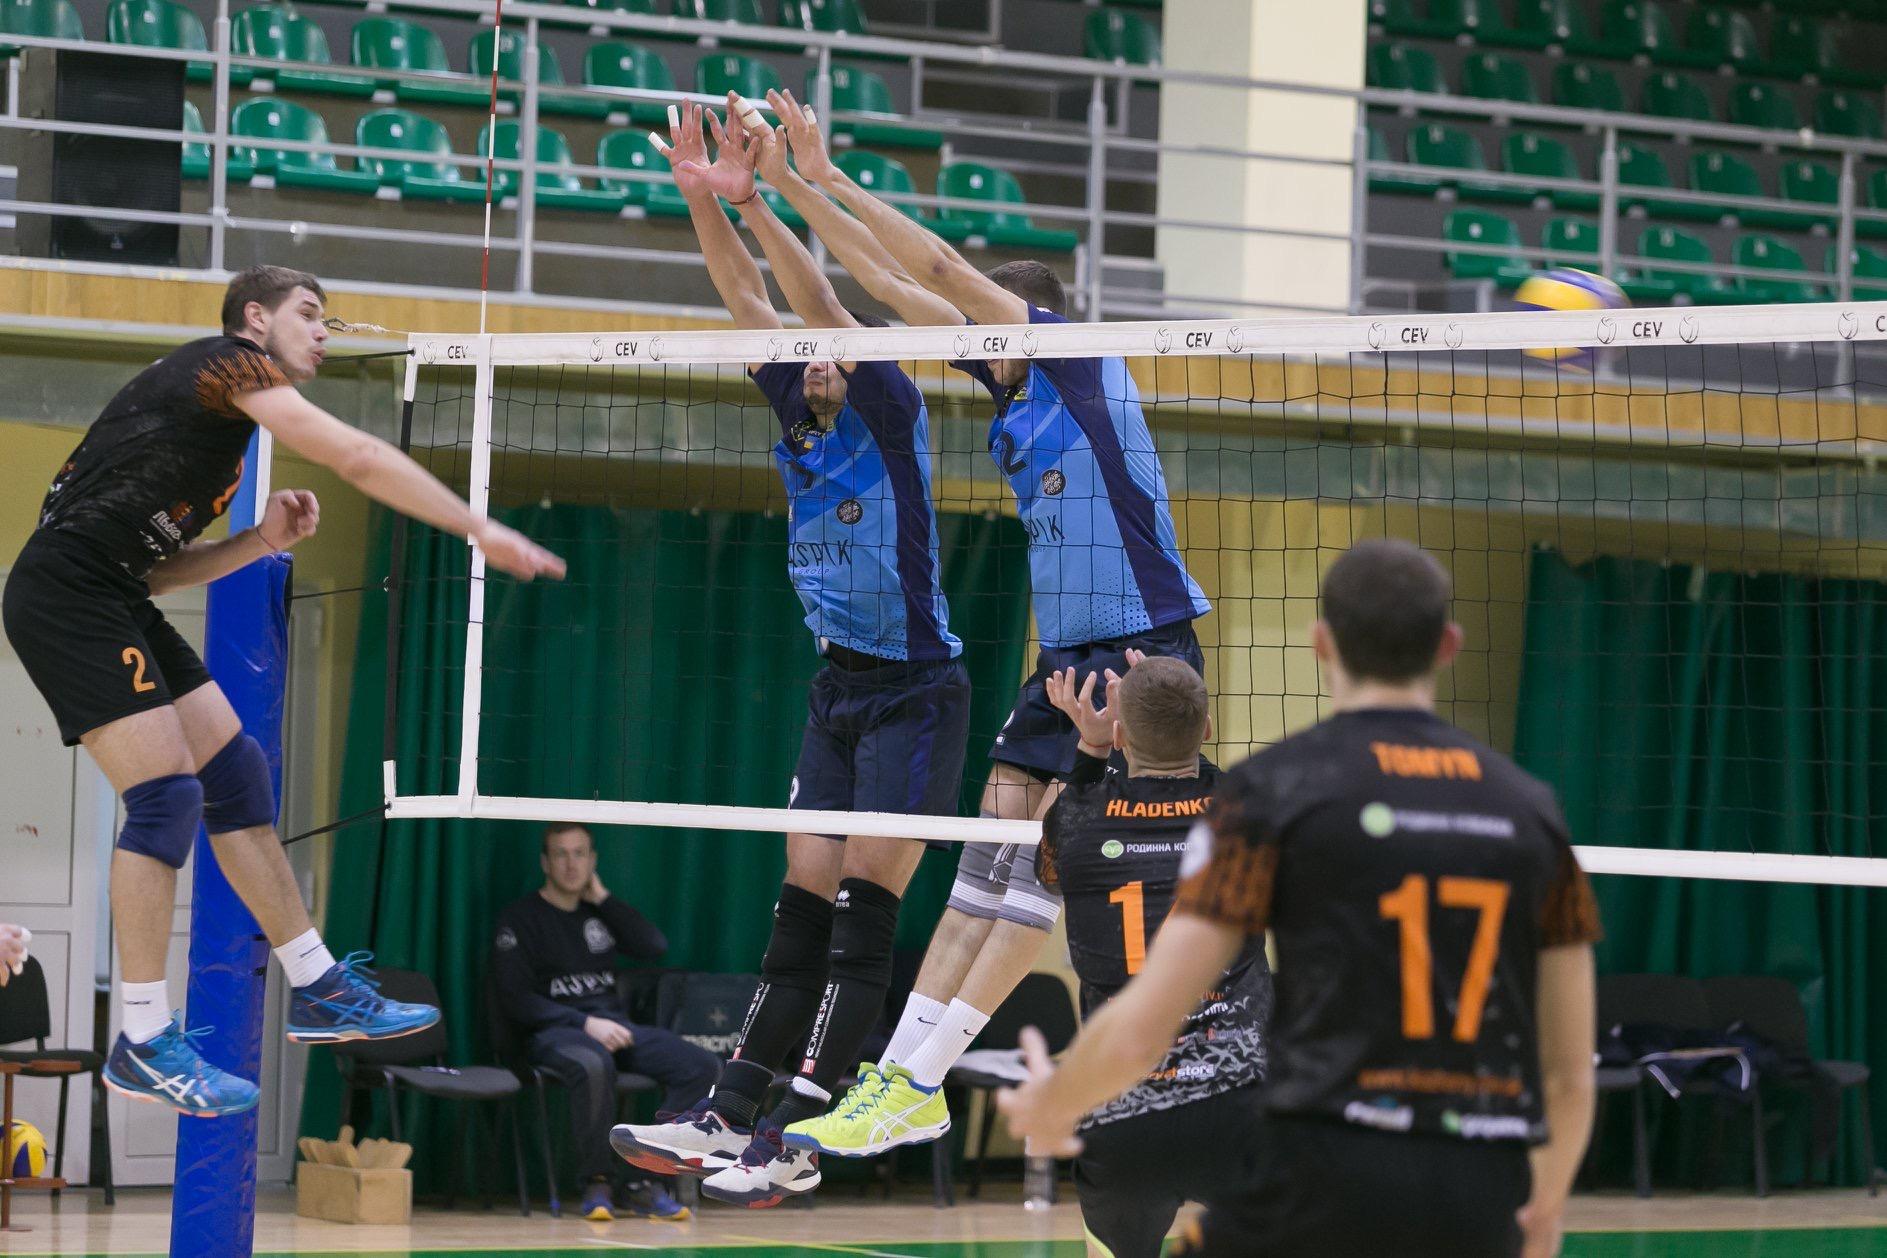 Фотозвіт матчів між «Барком-Кажани» та «Новатор» - 22